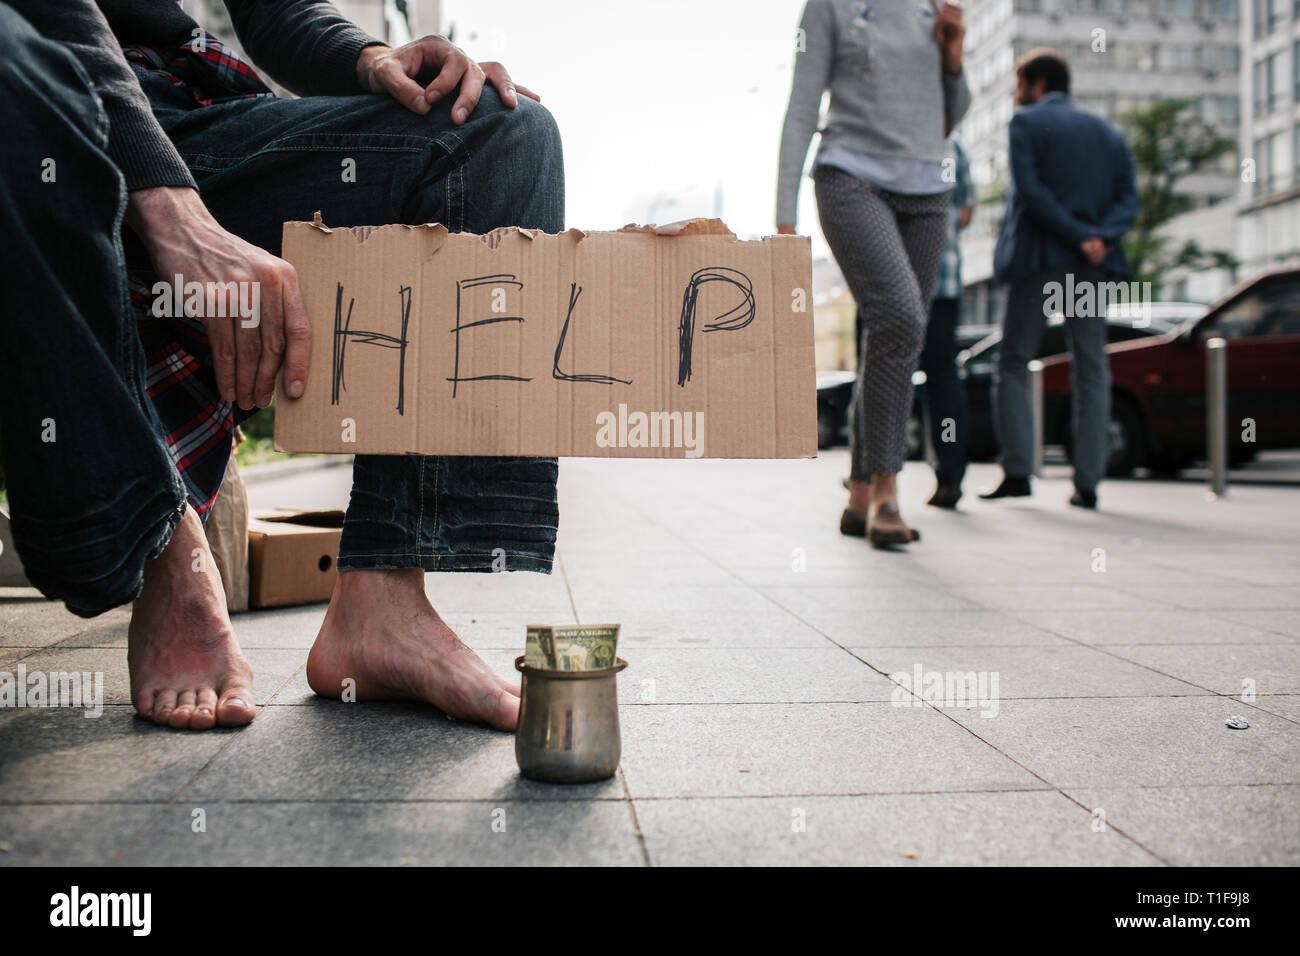 Una imagen del hombre sin piernas zapatos de pie en el suelo de hormigón. Existe una copa metálica con dinero en ella. Guy está sosteniendo un cartón que dice Foto de stock